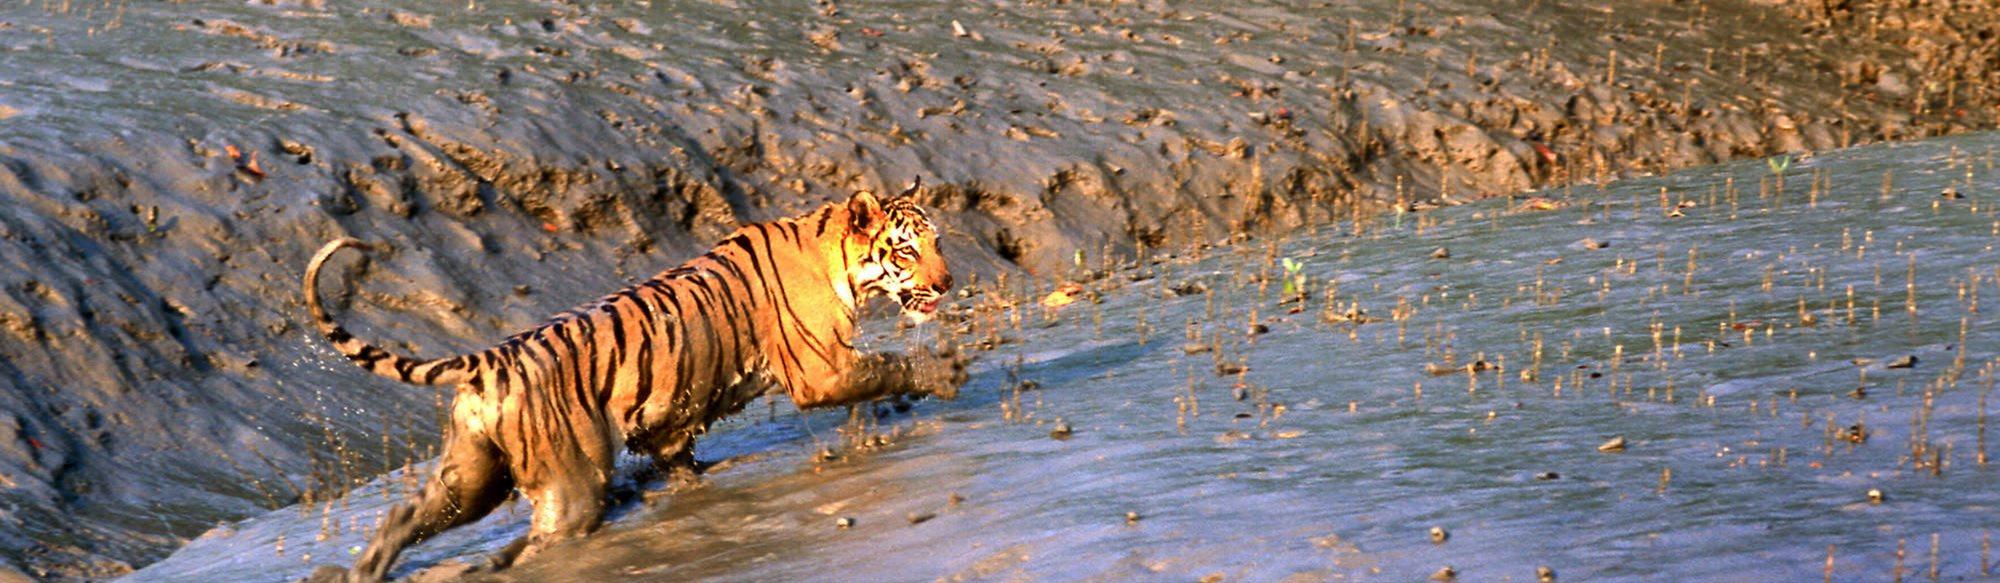 Tiger Tiger långsam dating Dating kristen gratis